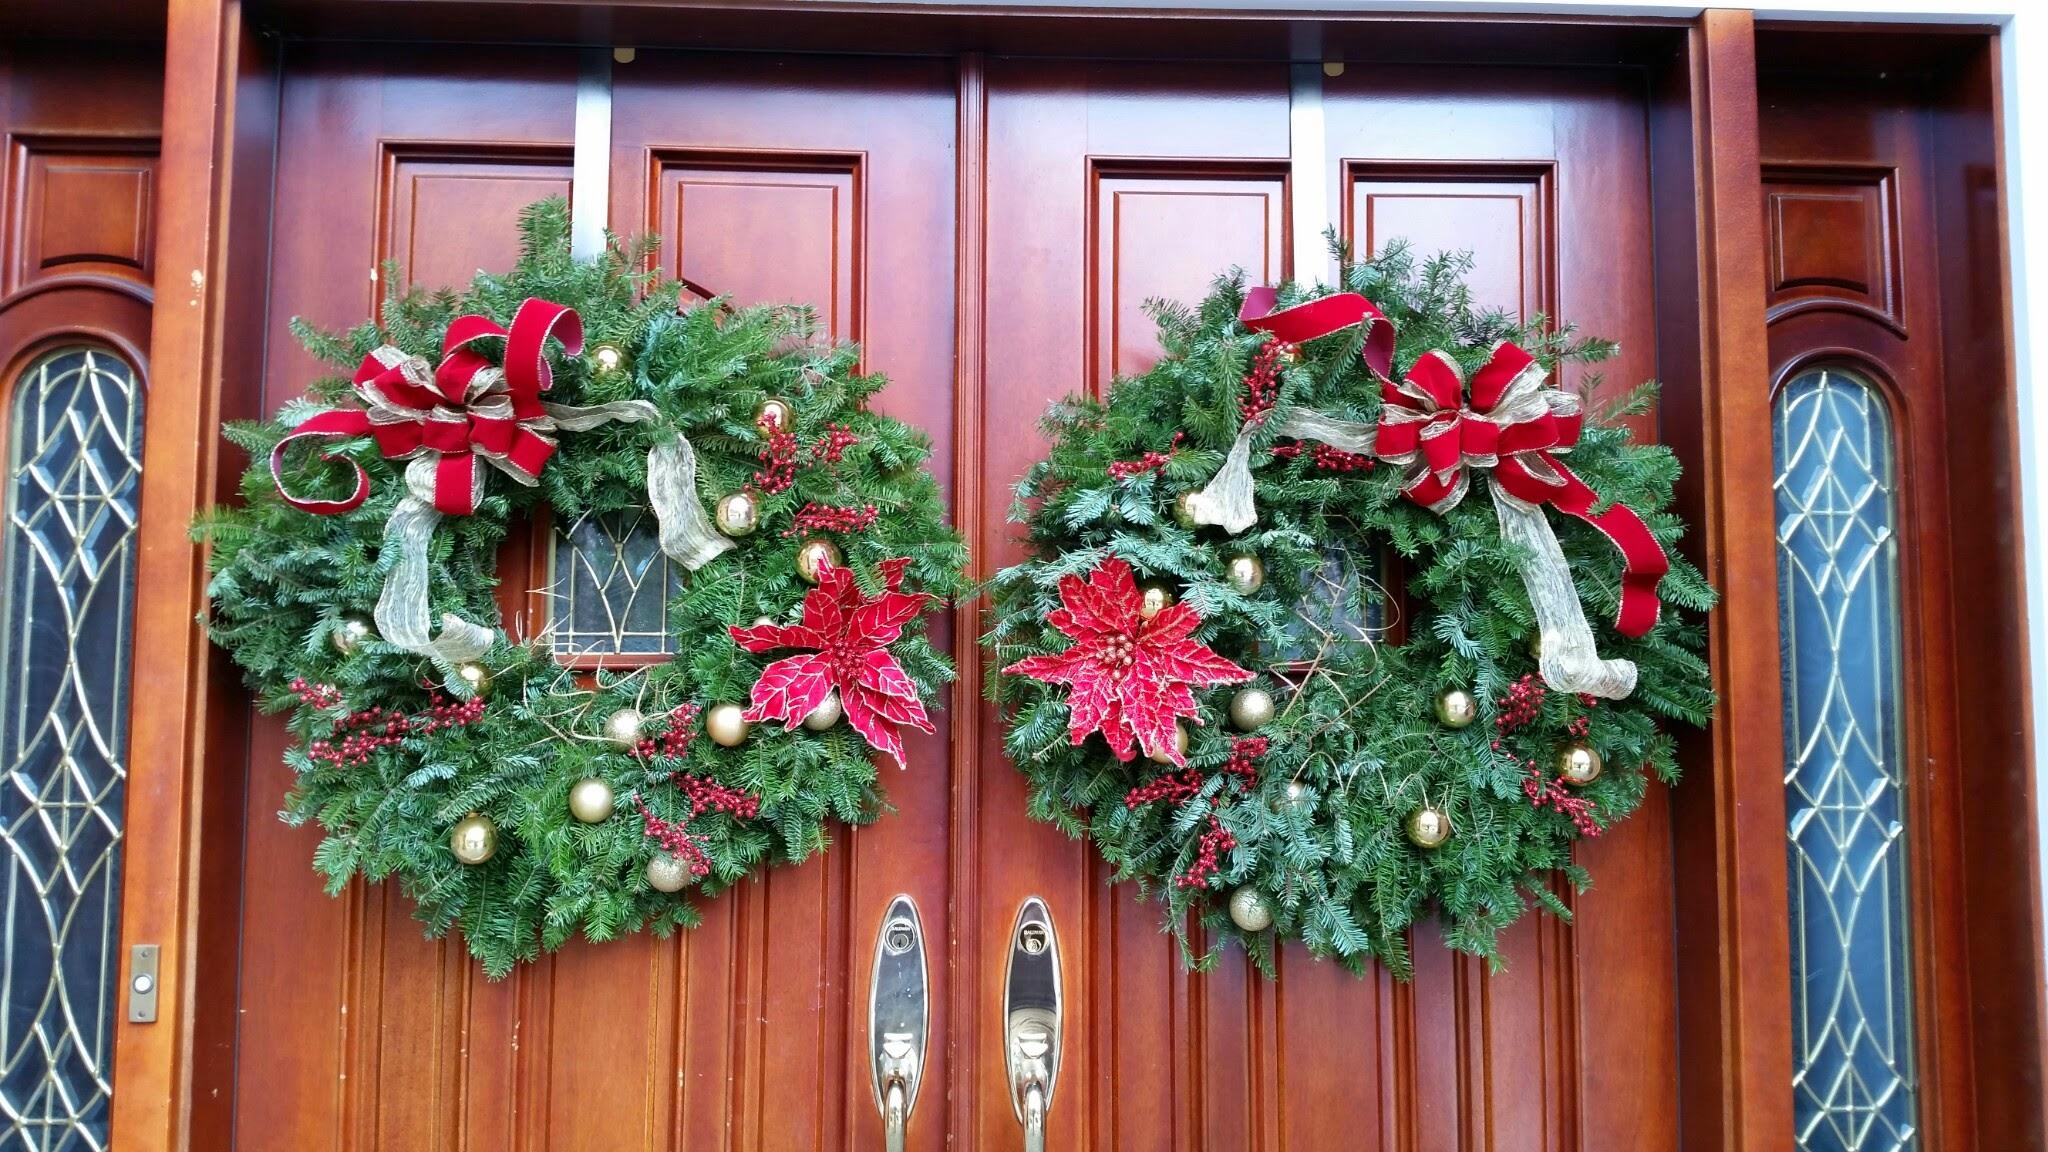 matching wreaths